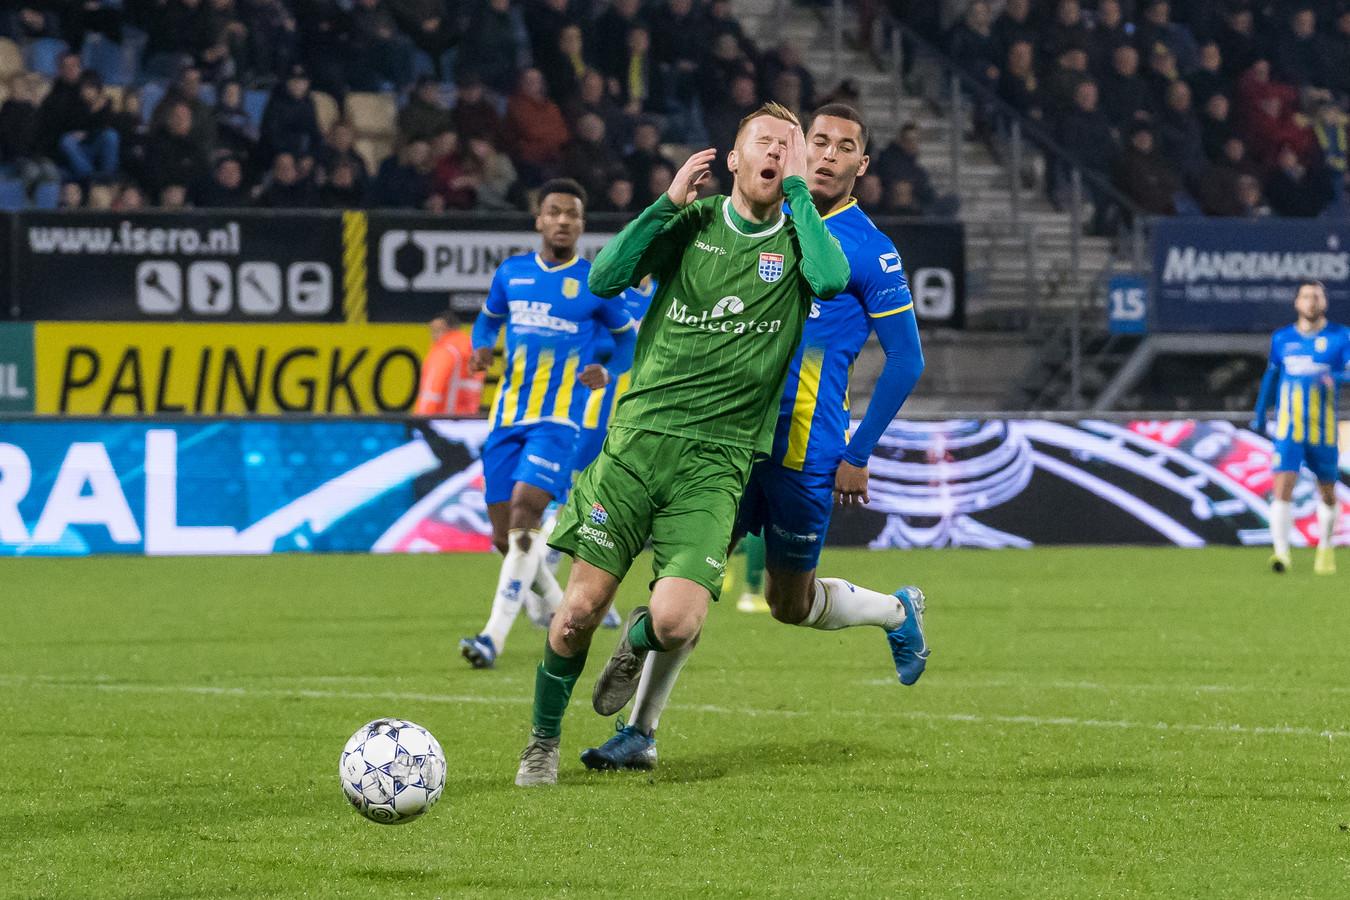 RKC Waalwijk tegen PEC Zwolle eindigde vorig seizoen in 0-0. Ook Mike van Duinen kon daar weinig aan veranderen.